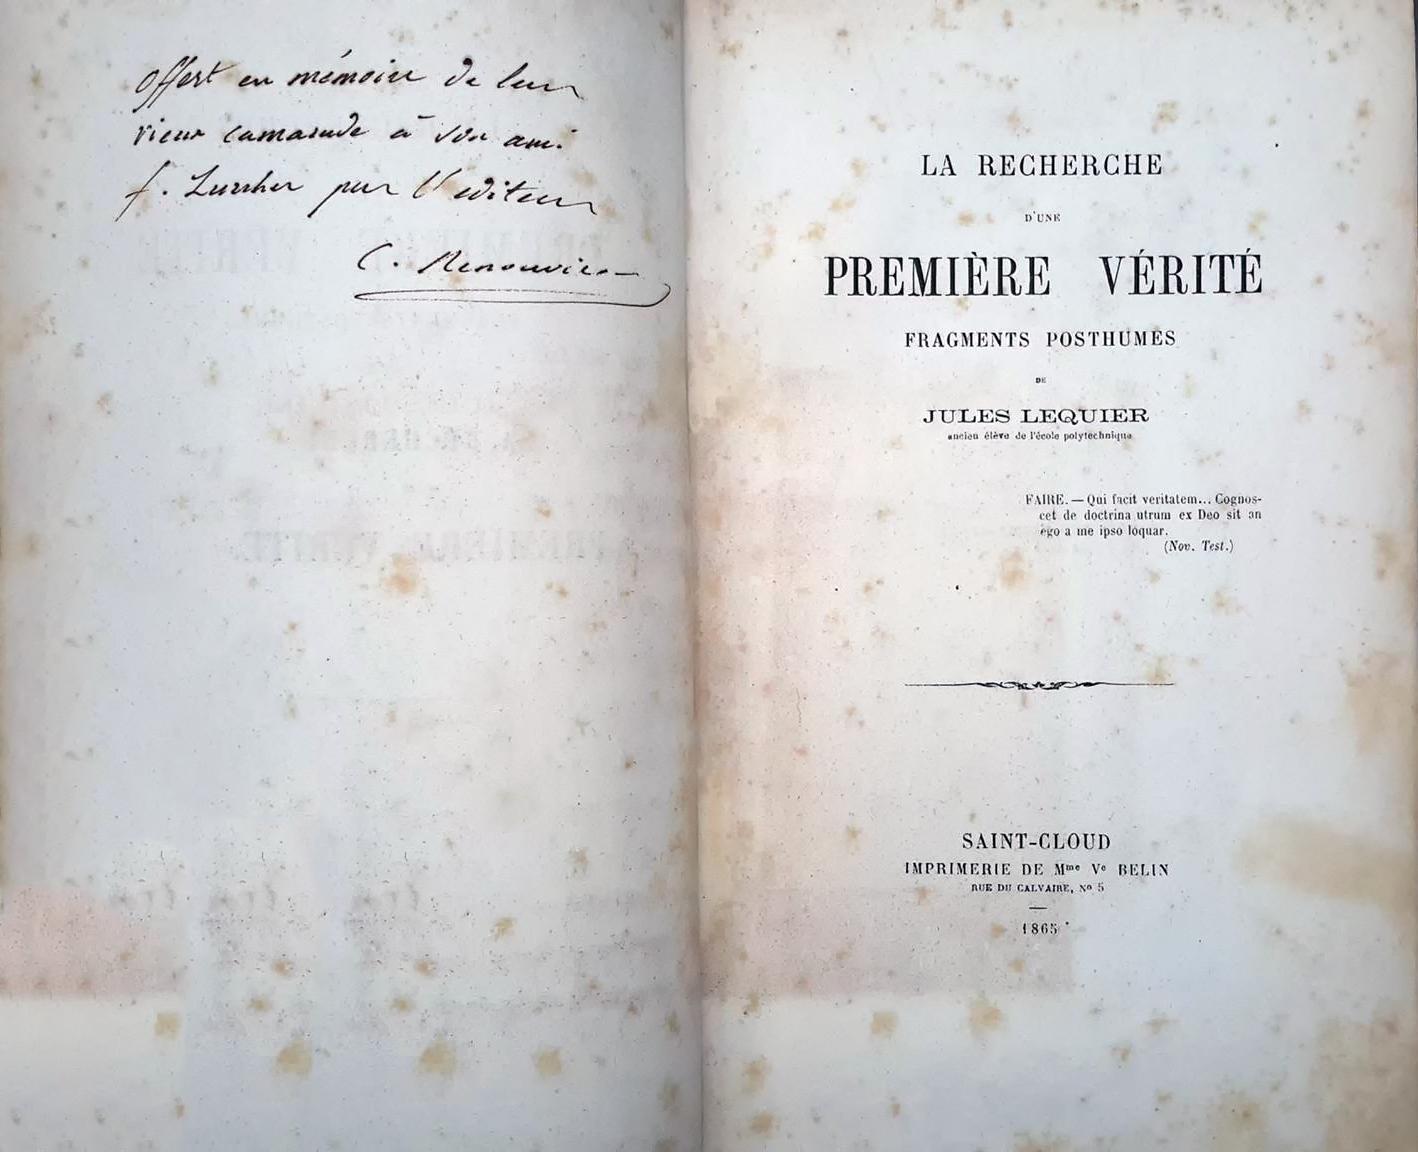 Opdracht en voorblad Lequier